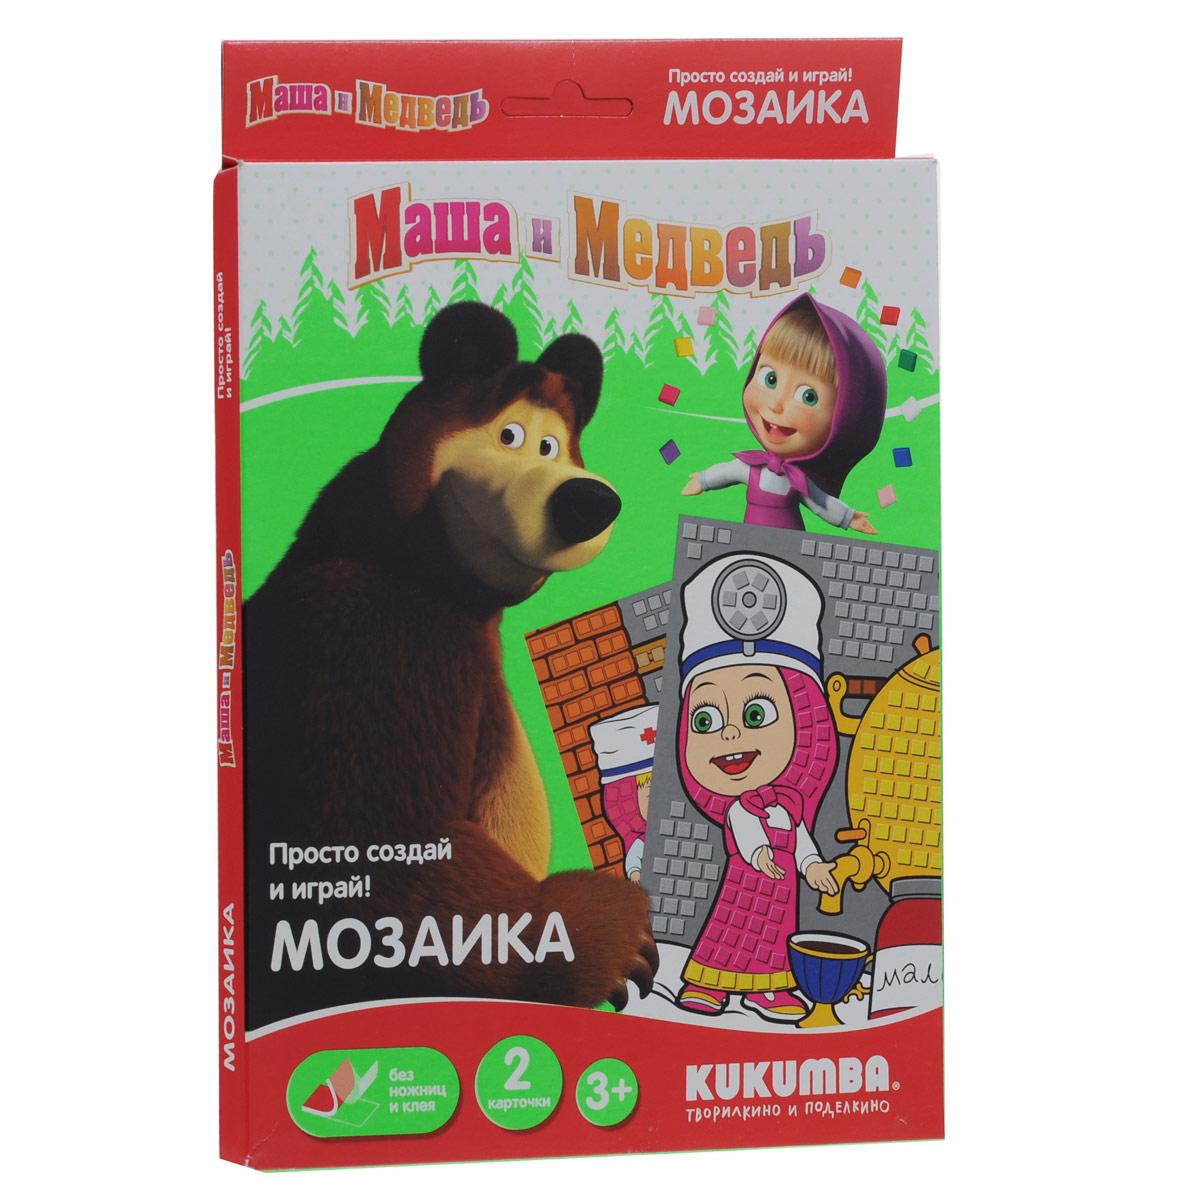 Мозаика Kukumba Маша с самоваром0102013С мозаикой Kukumba Маша с самоваром ваш ребенок без особого труда создаст две красочные картинки с изображениями персонажей популярного мультсериала Маша и Медведь. Для этого необходимо сначала выбрать элементы мозаики, соответствующие цвету на картонной основе, затем отделить элементы от общего цветного блока и приклеить на рисунок. Работа кропотливая, требующая усидчивости, внимания и терпения, но итог затраченных вами сил превзойдет все ожидания. Получившиеся картинки станут не только предметами гордости ребенка, но и прекрасными открытками в подарок. В набор входят две картонные основы и элементы мозаики разных цветов. Одна из основ оформлена изображением Маши у самовара, другая - изображением Маши в роли доктора и Мишки. Работа с мозаикой поможет ребенку развить внимательность, усидчивость, аккуратность, цветовое восприятие и мелкую моторику рук.